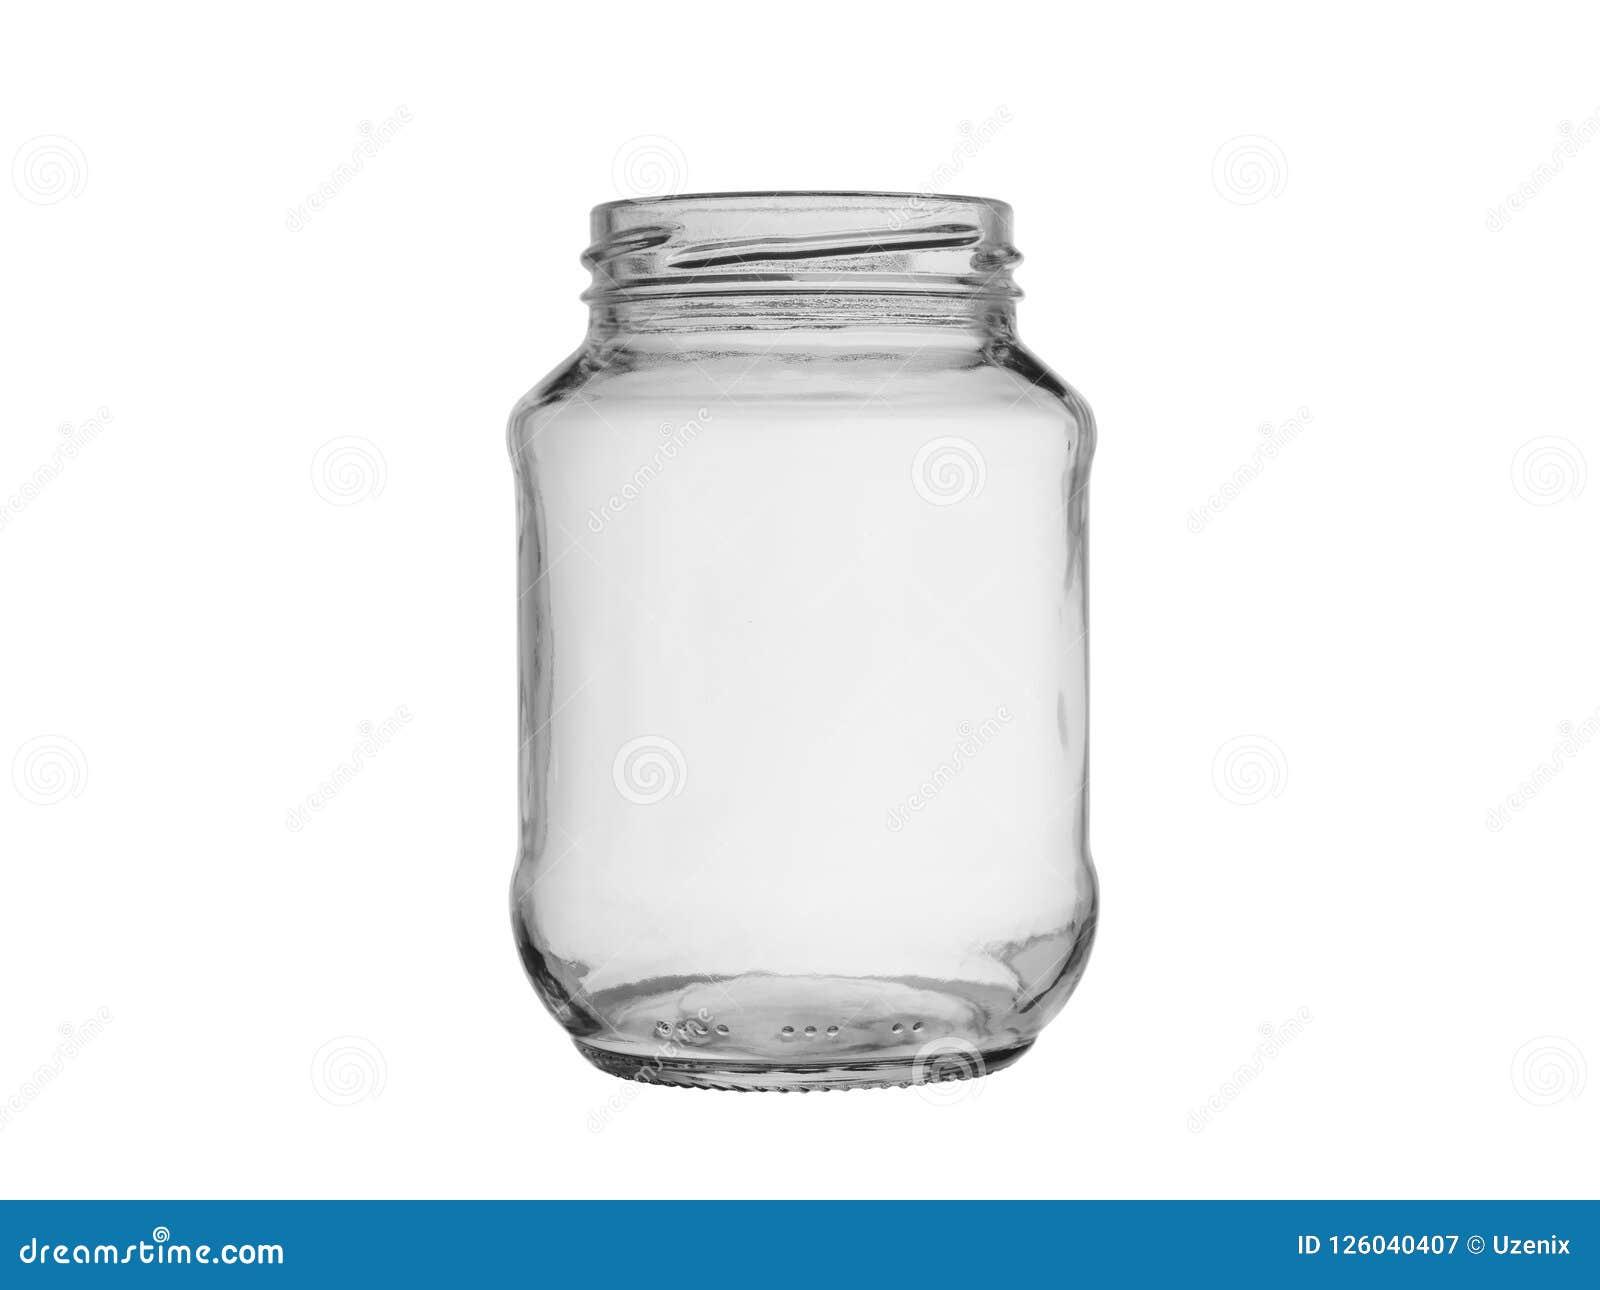 Lege die glaskruik met een draad voor levensmiddel op een witte achtergrond wordt geïsoleerd